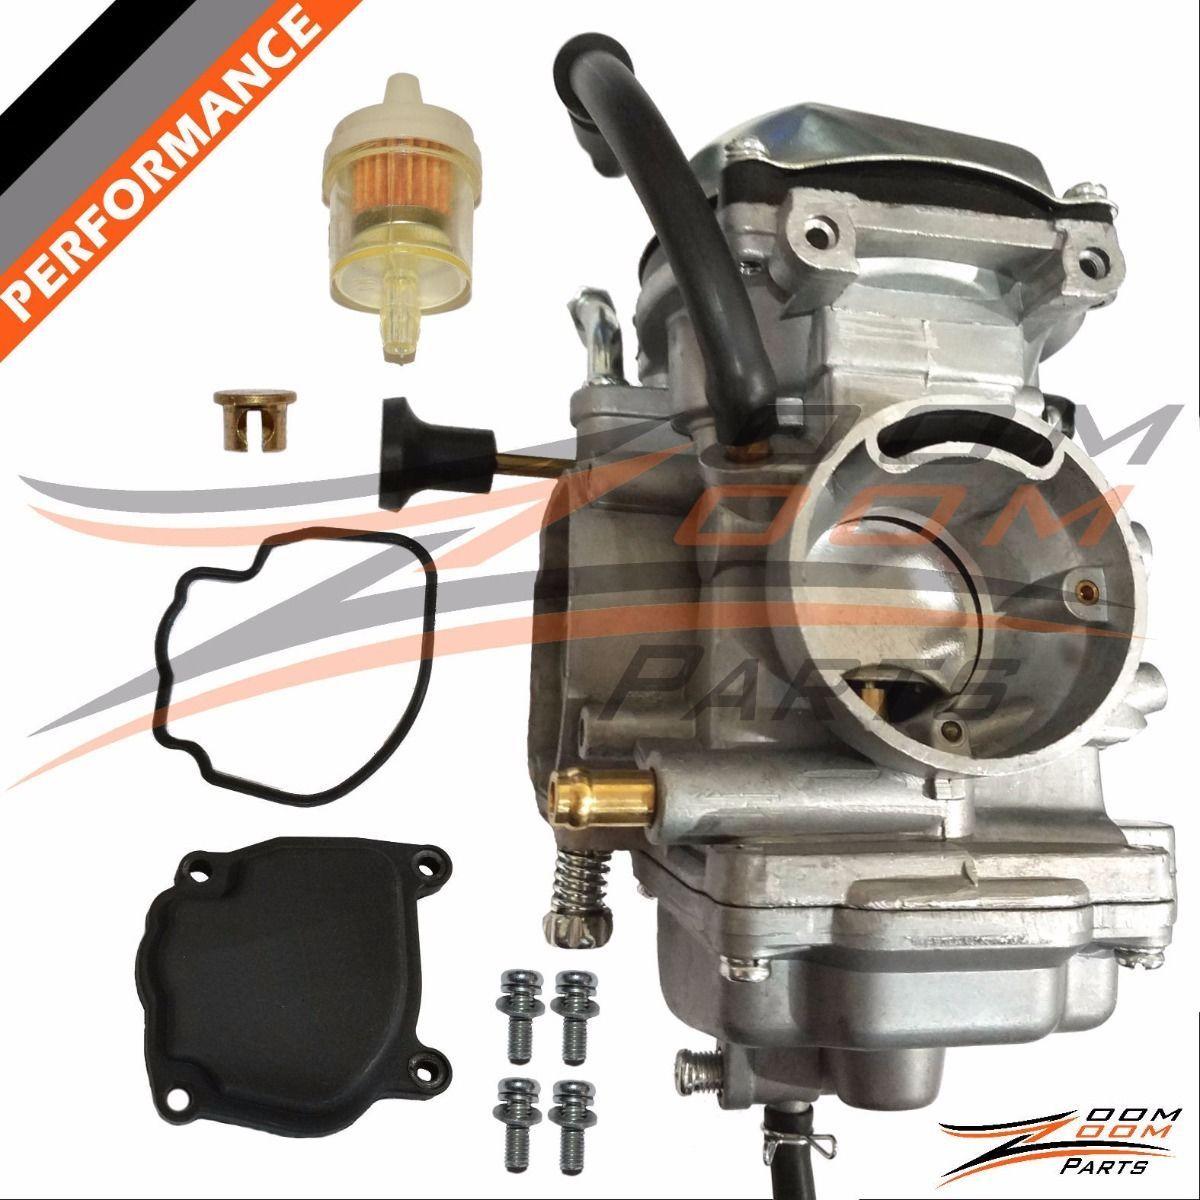 Carburetor Repair Kit Yamaha YFM250 Bear Tracker 1999-2004